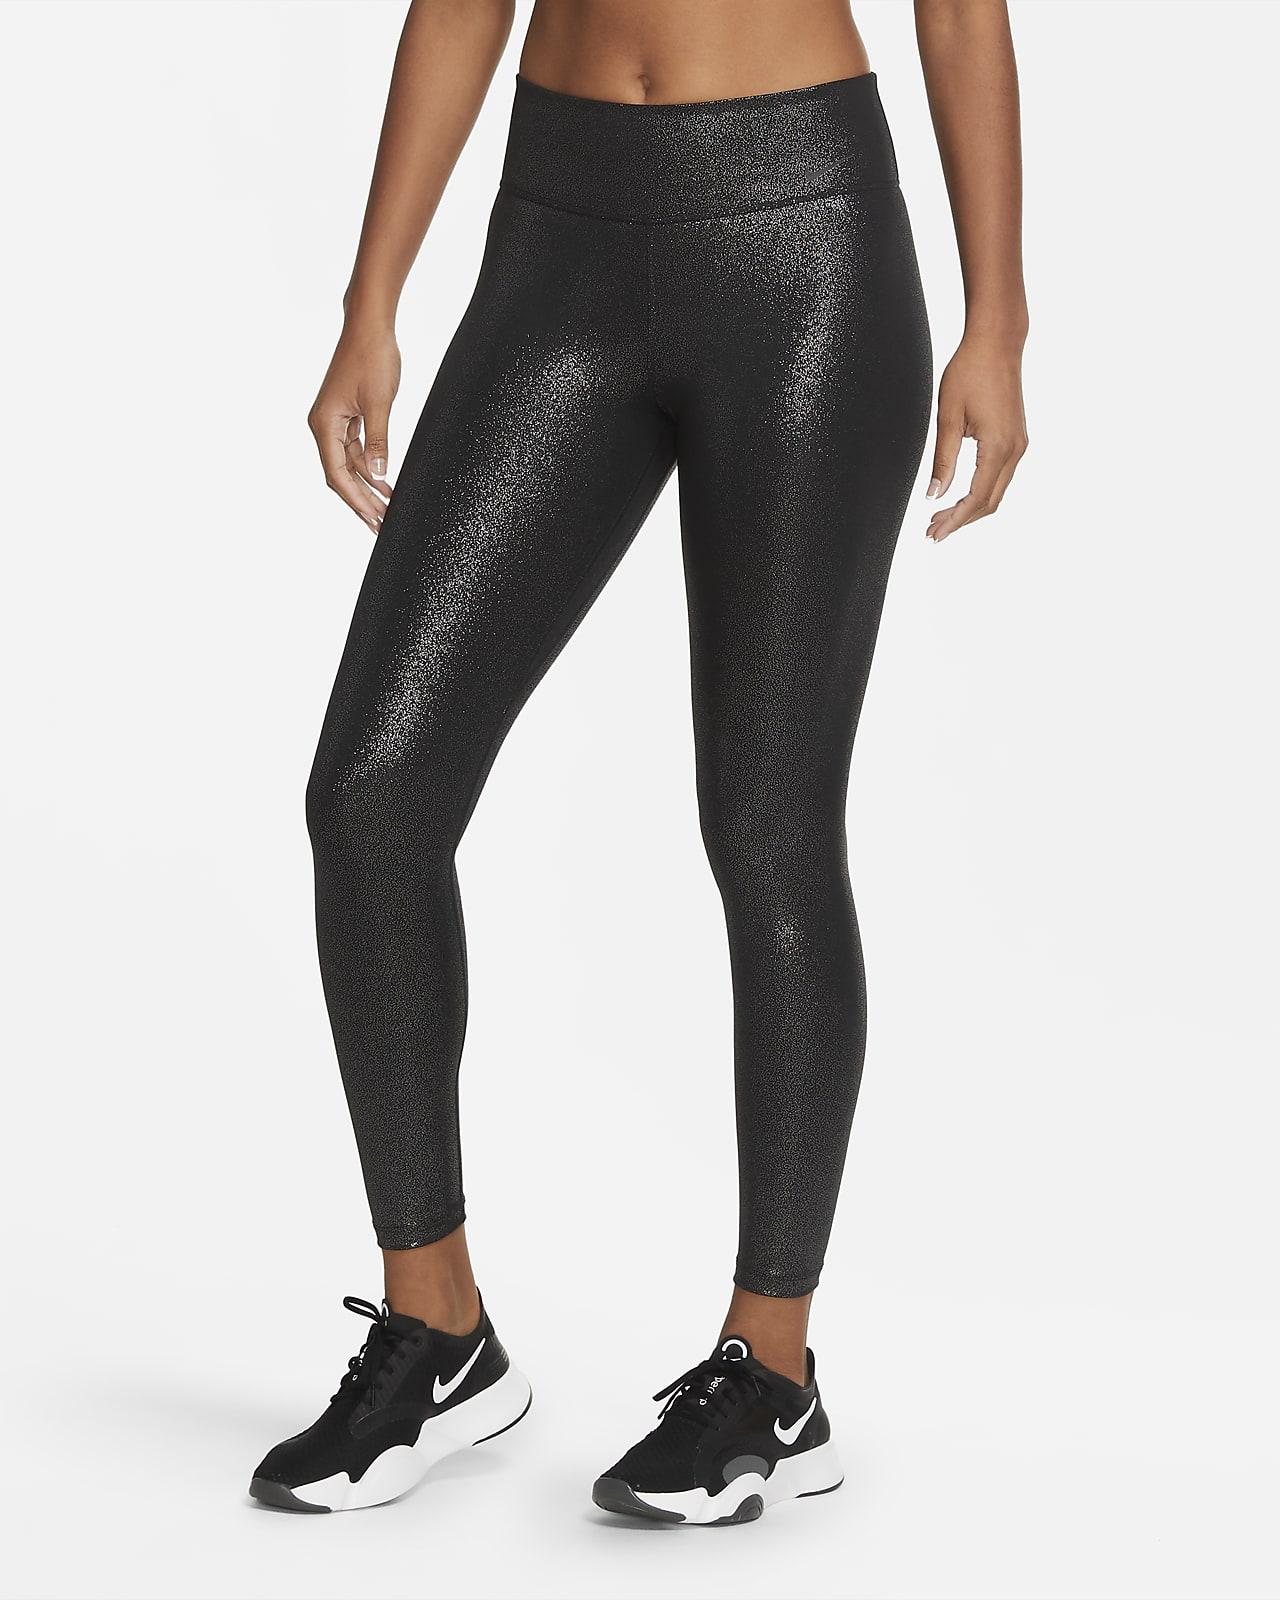 Nike One Malles de 7/8 amb brillantor - Dona